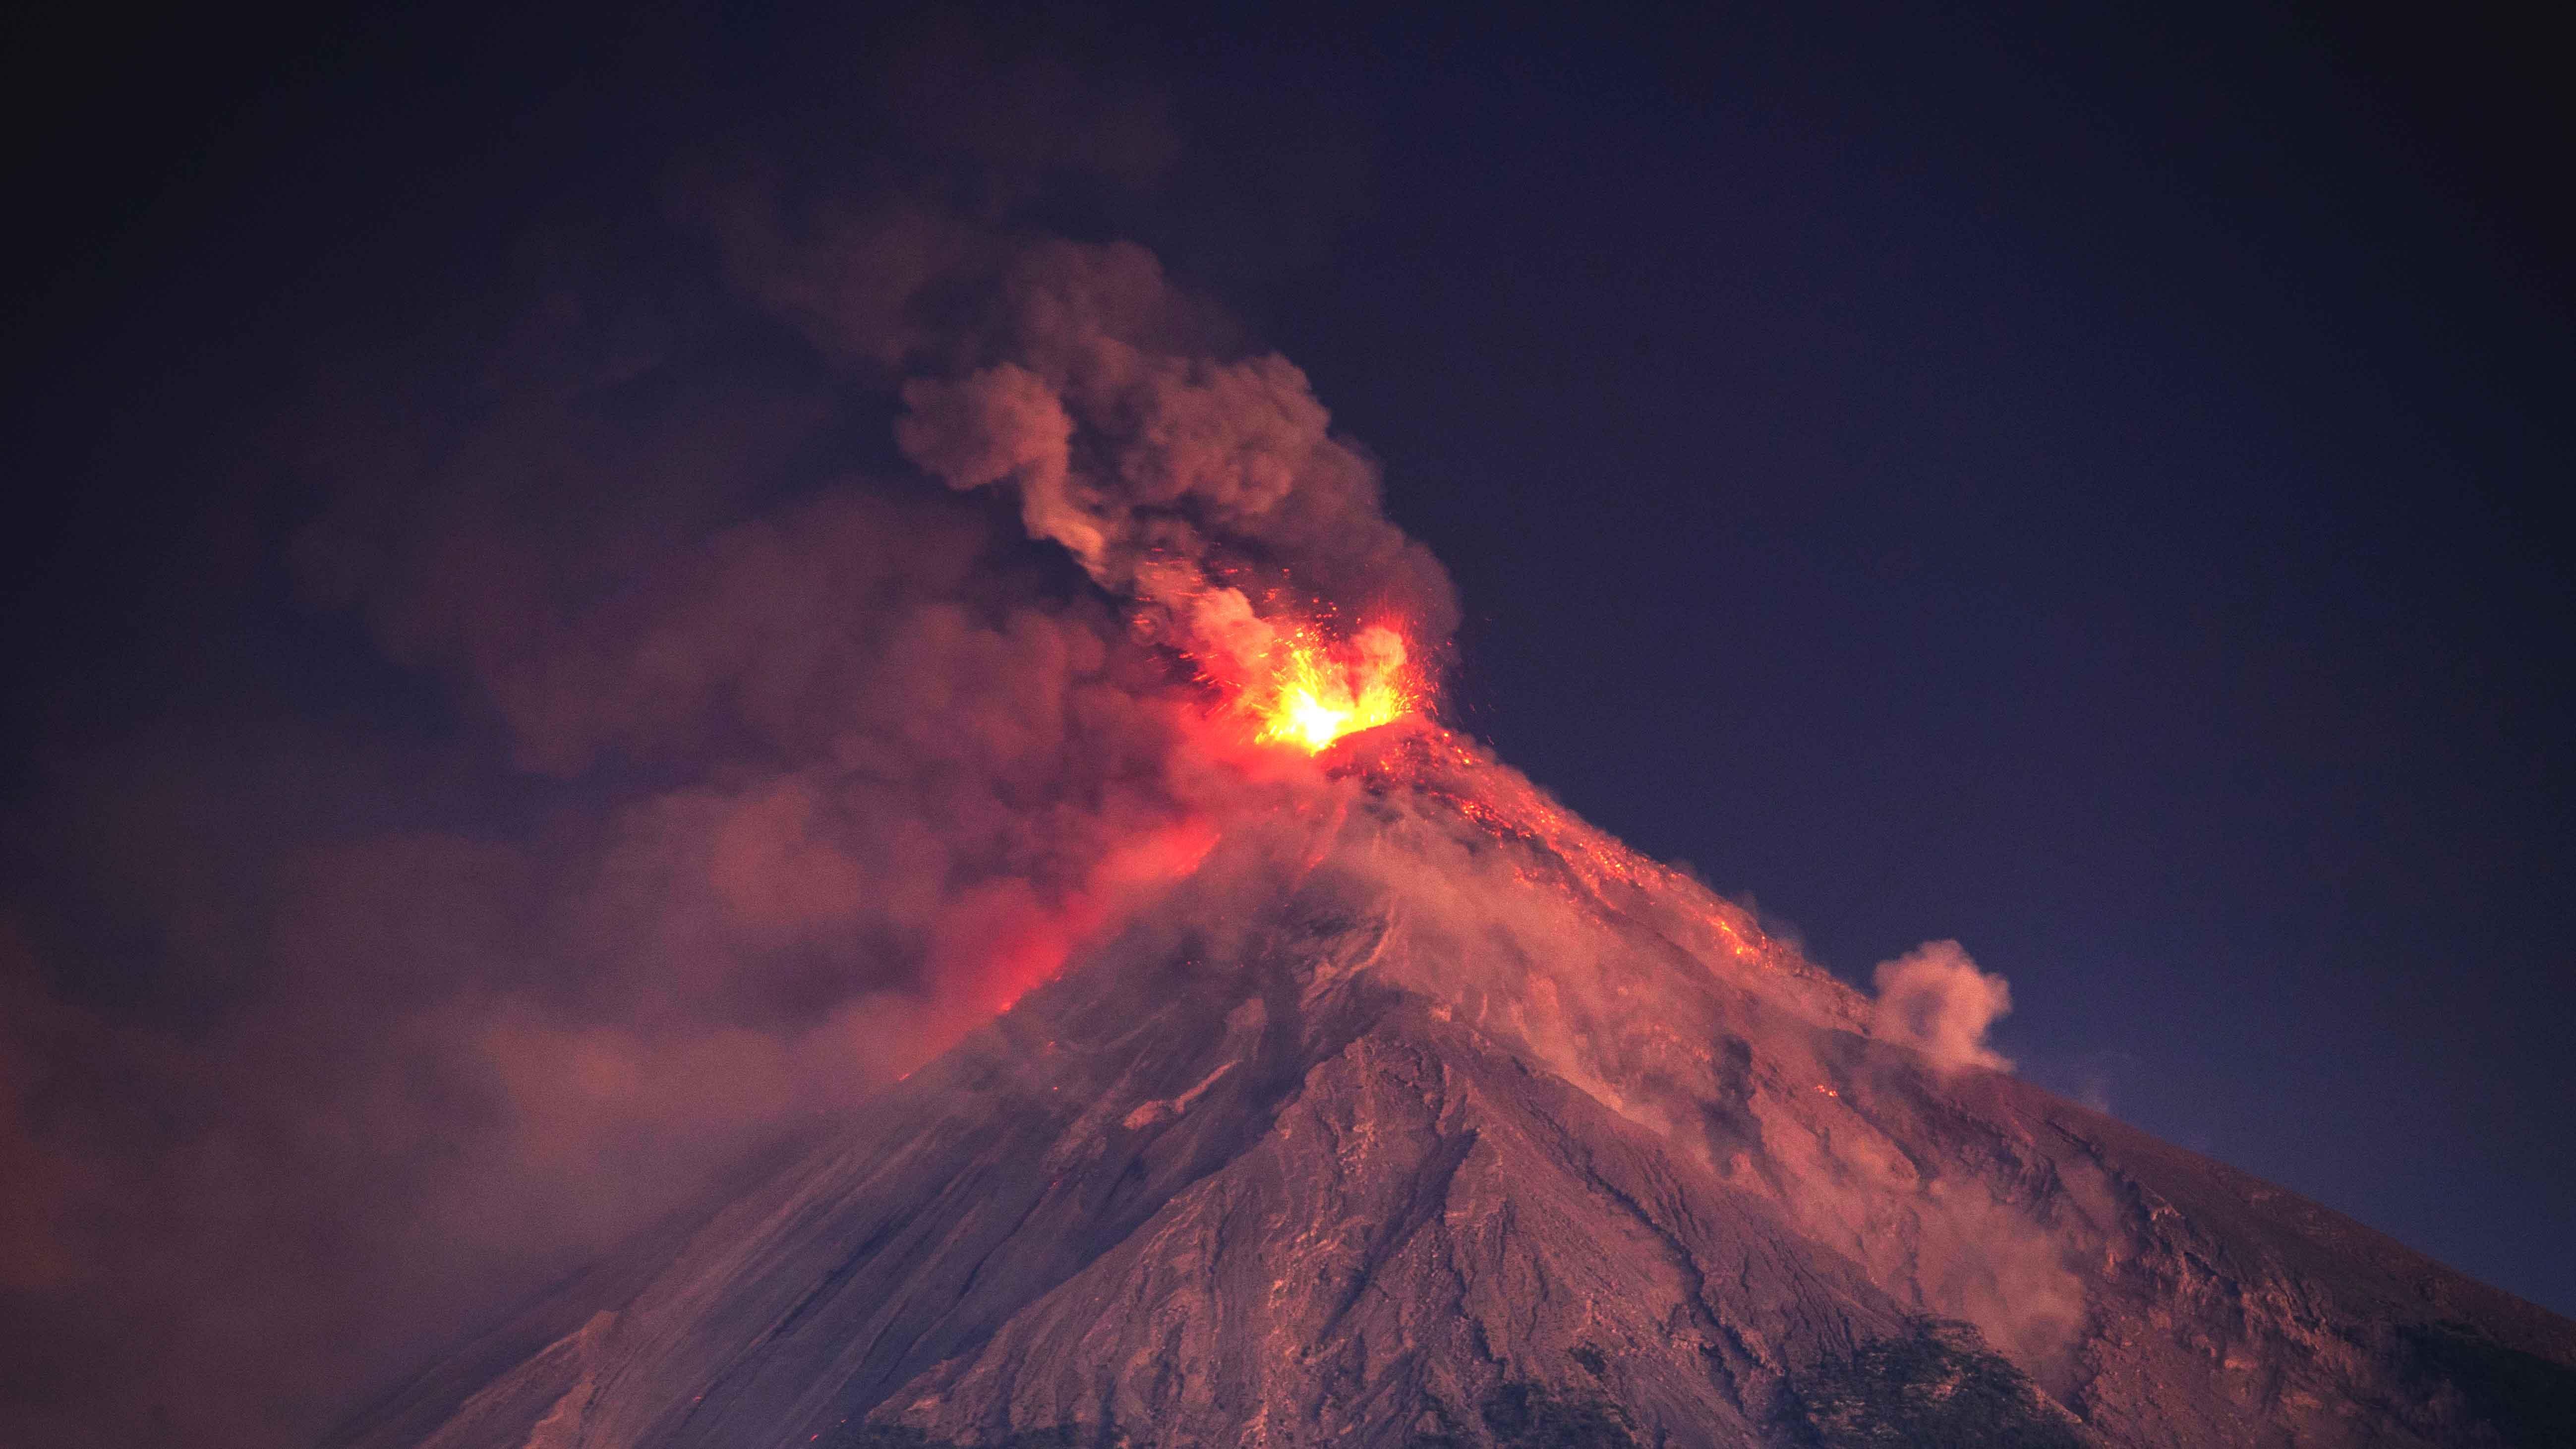 Tausende auf der Flucht: Einer der gefährlichsten Vulkane der Welt ist ausgebrochen